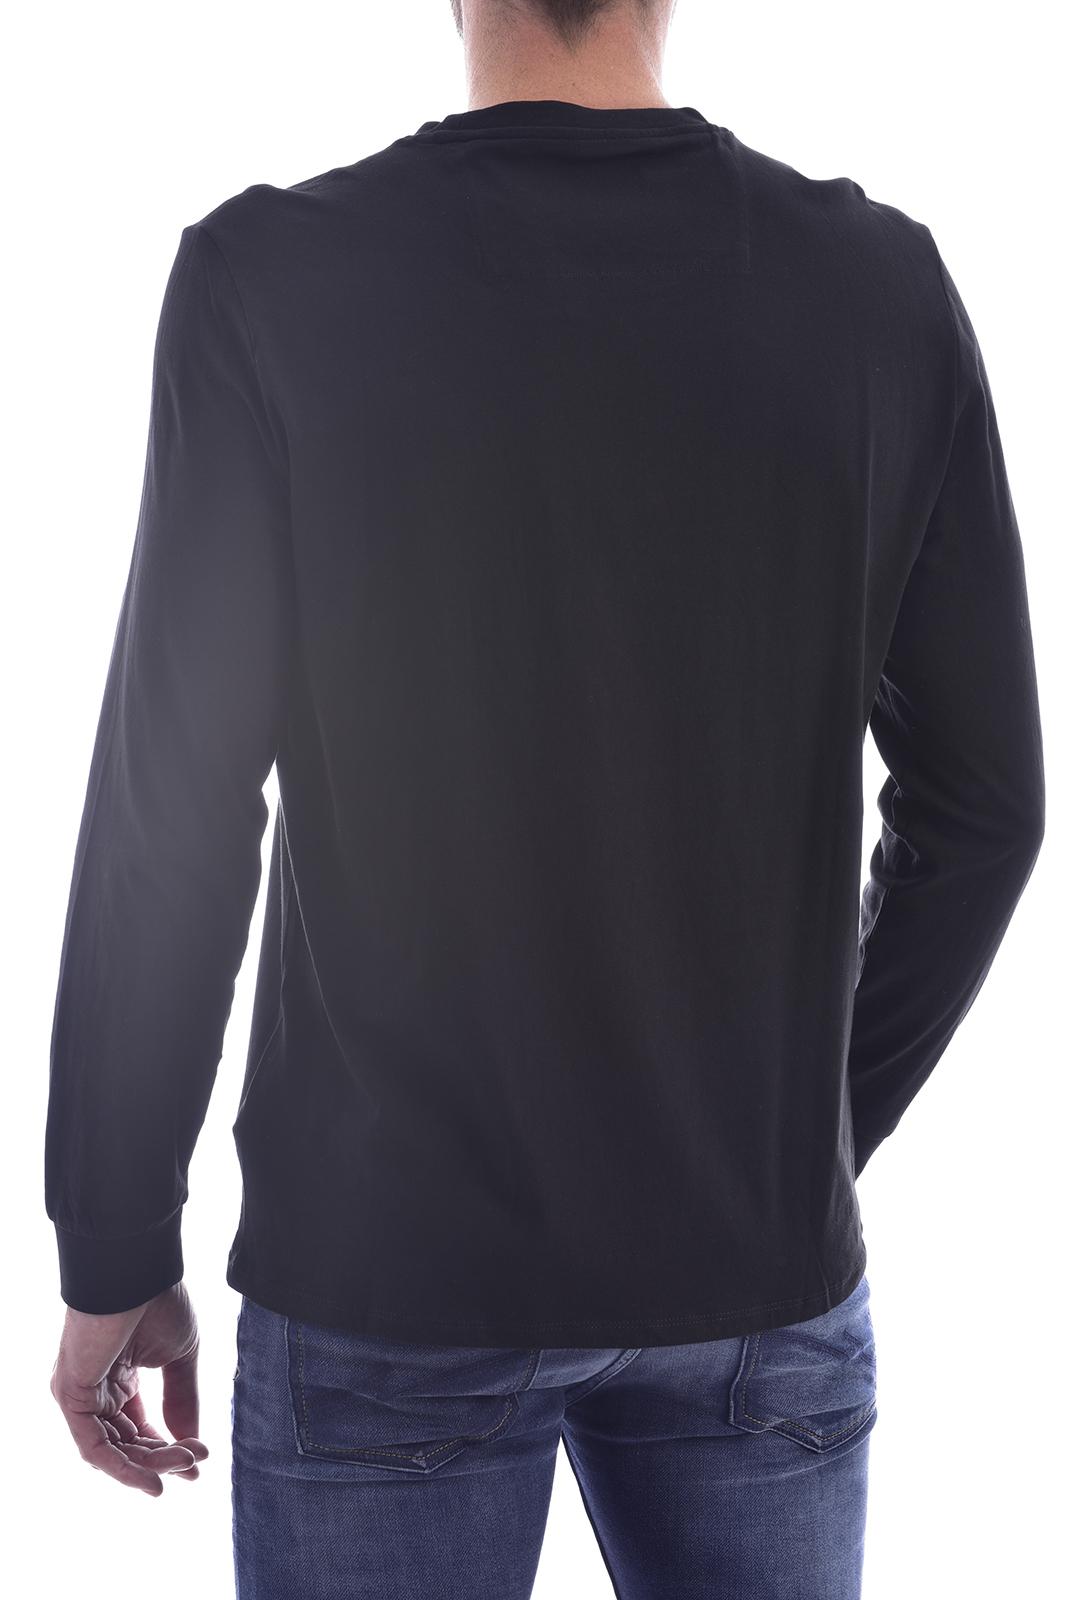 T-S manches longues  Guess jeans M0BI67 K8HM0 JBLK NOIR